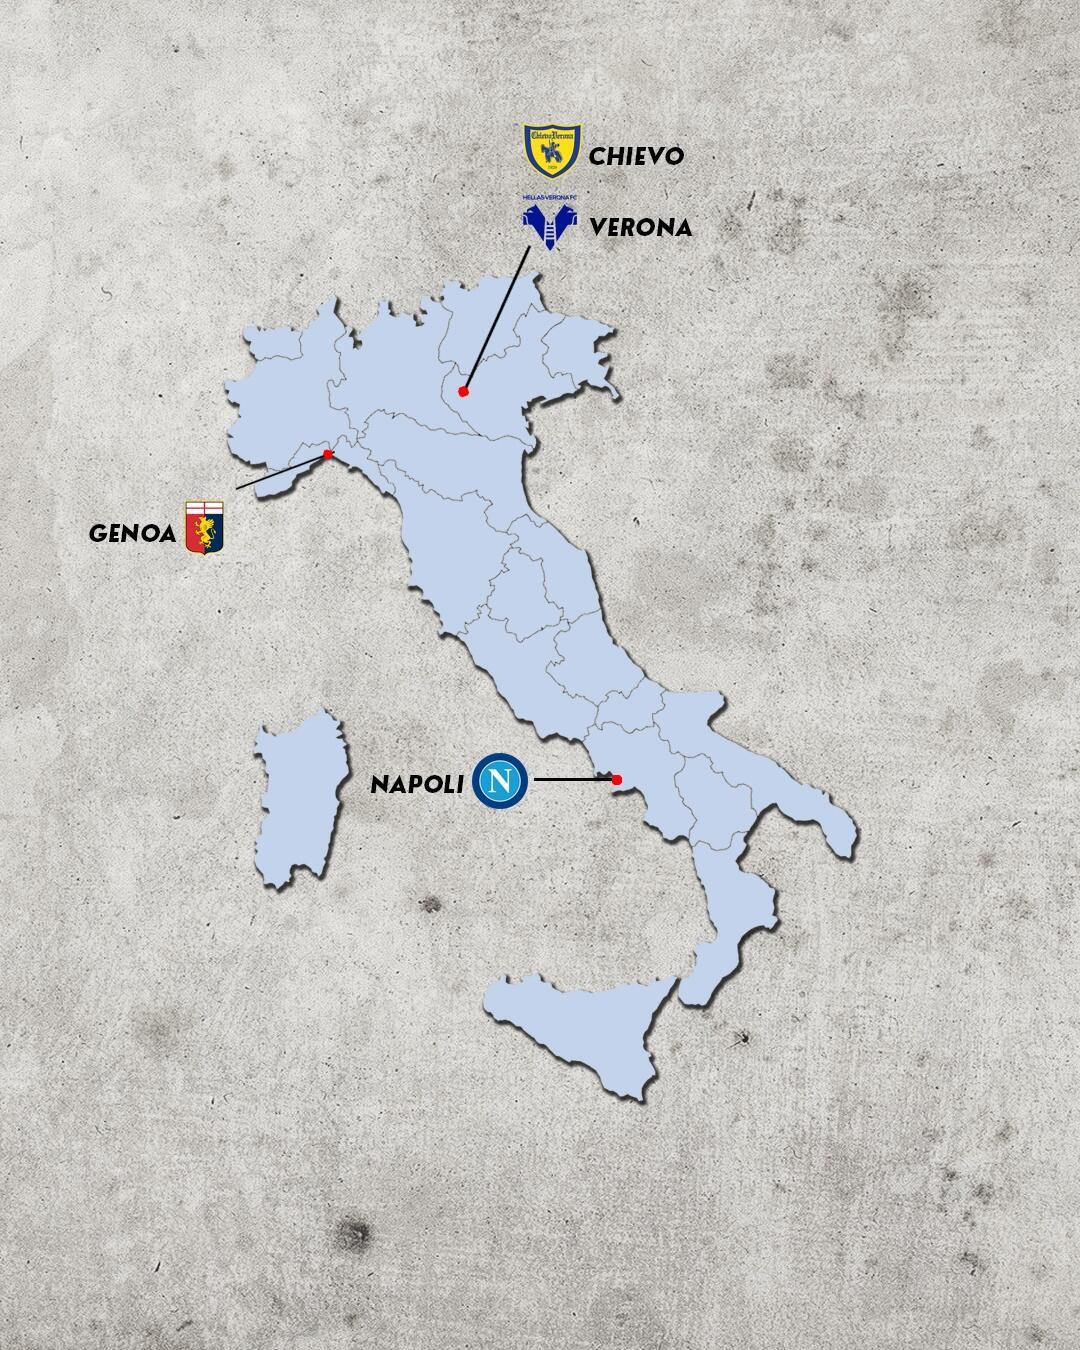 rivalidades do campeonato italiano - rivais do hellas verona